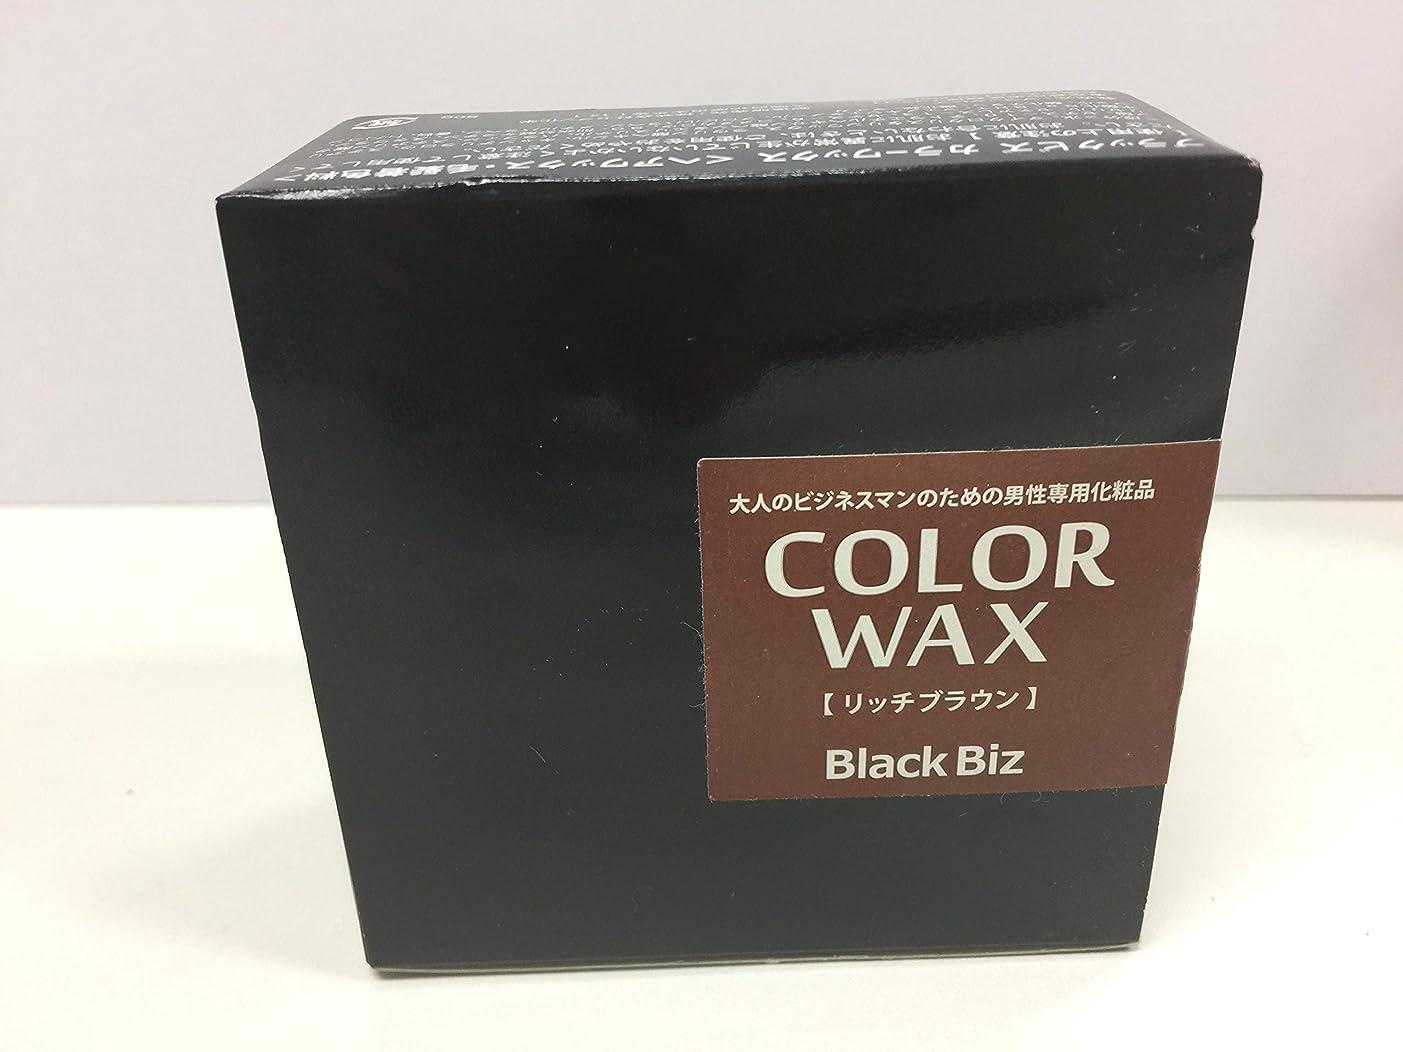 新鮮なトリッキーカロリー大人のビジネスマンのための男性専用化粧品 BlackBiz COLOR WAX ブラックビズ カラーワックス 【リッチブラウン】